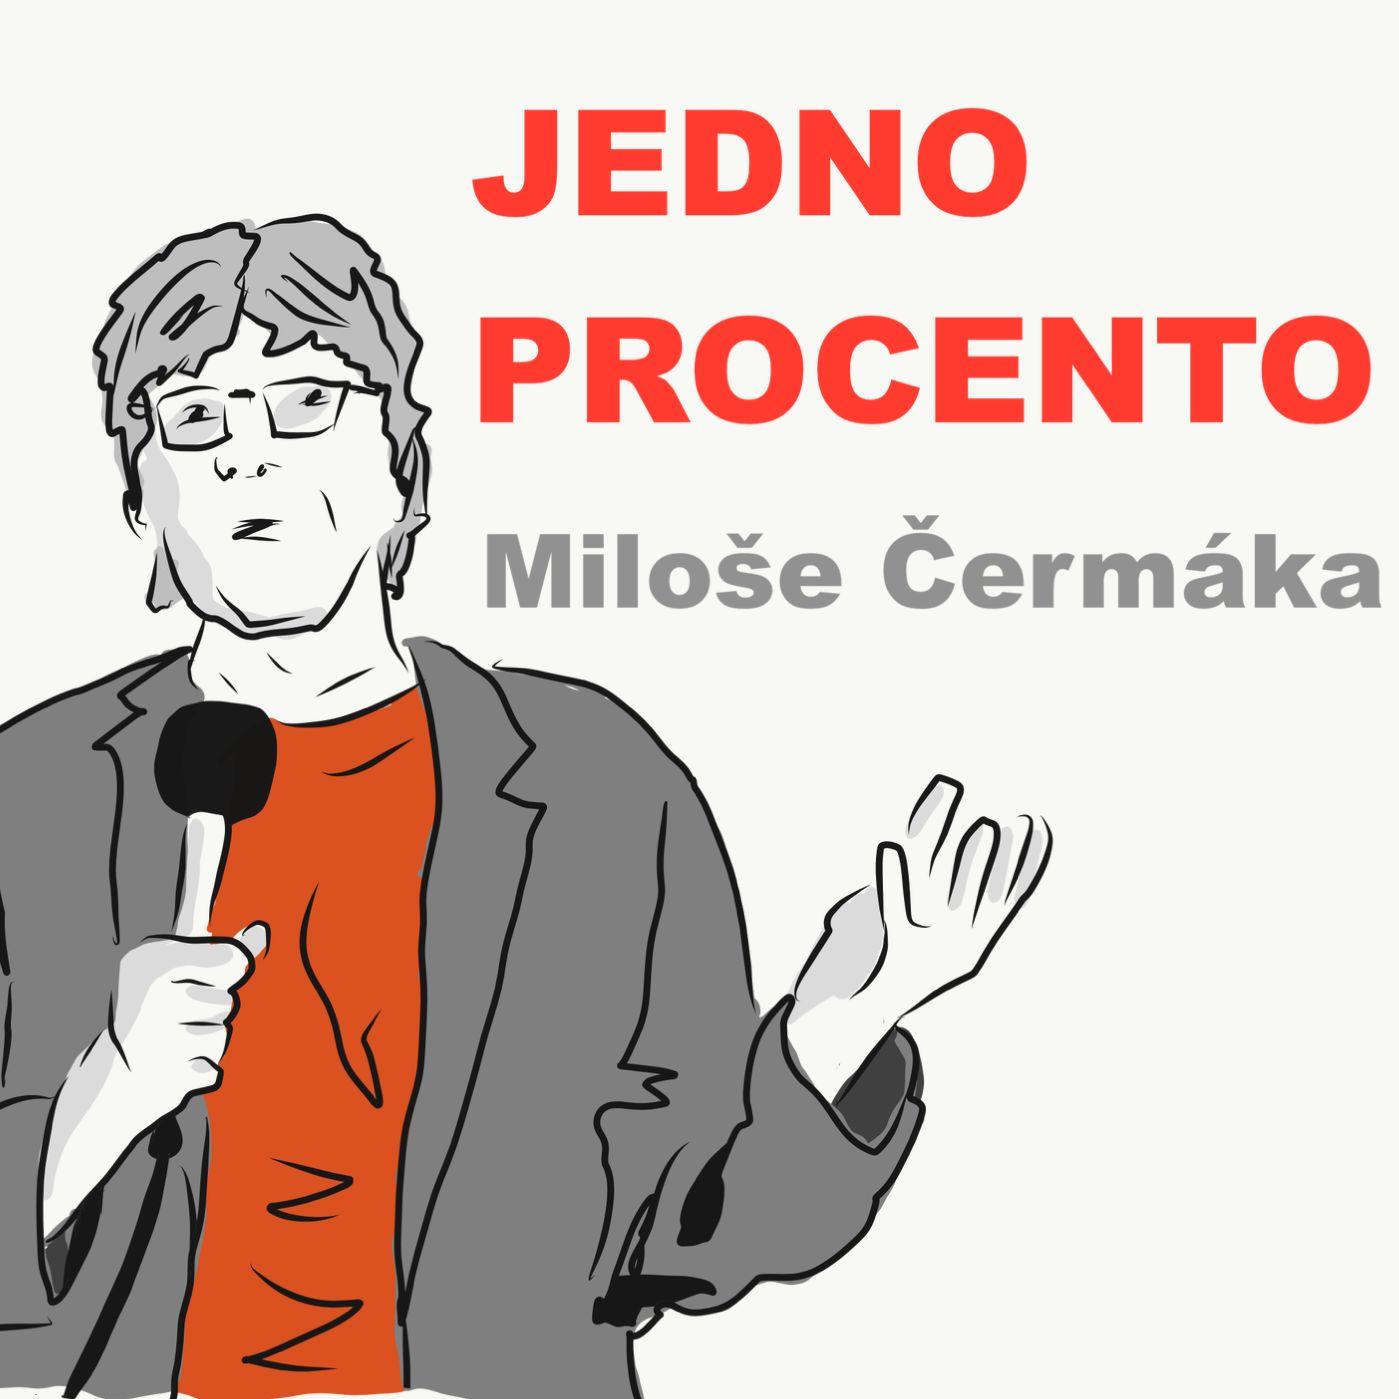 ... s Josefem Veselkou